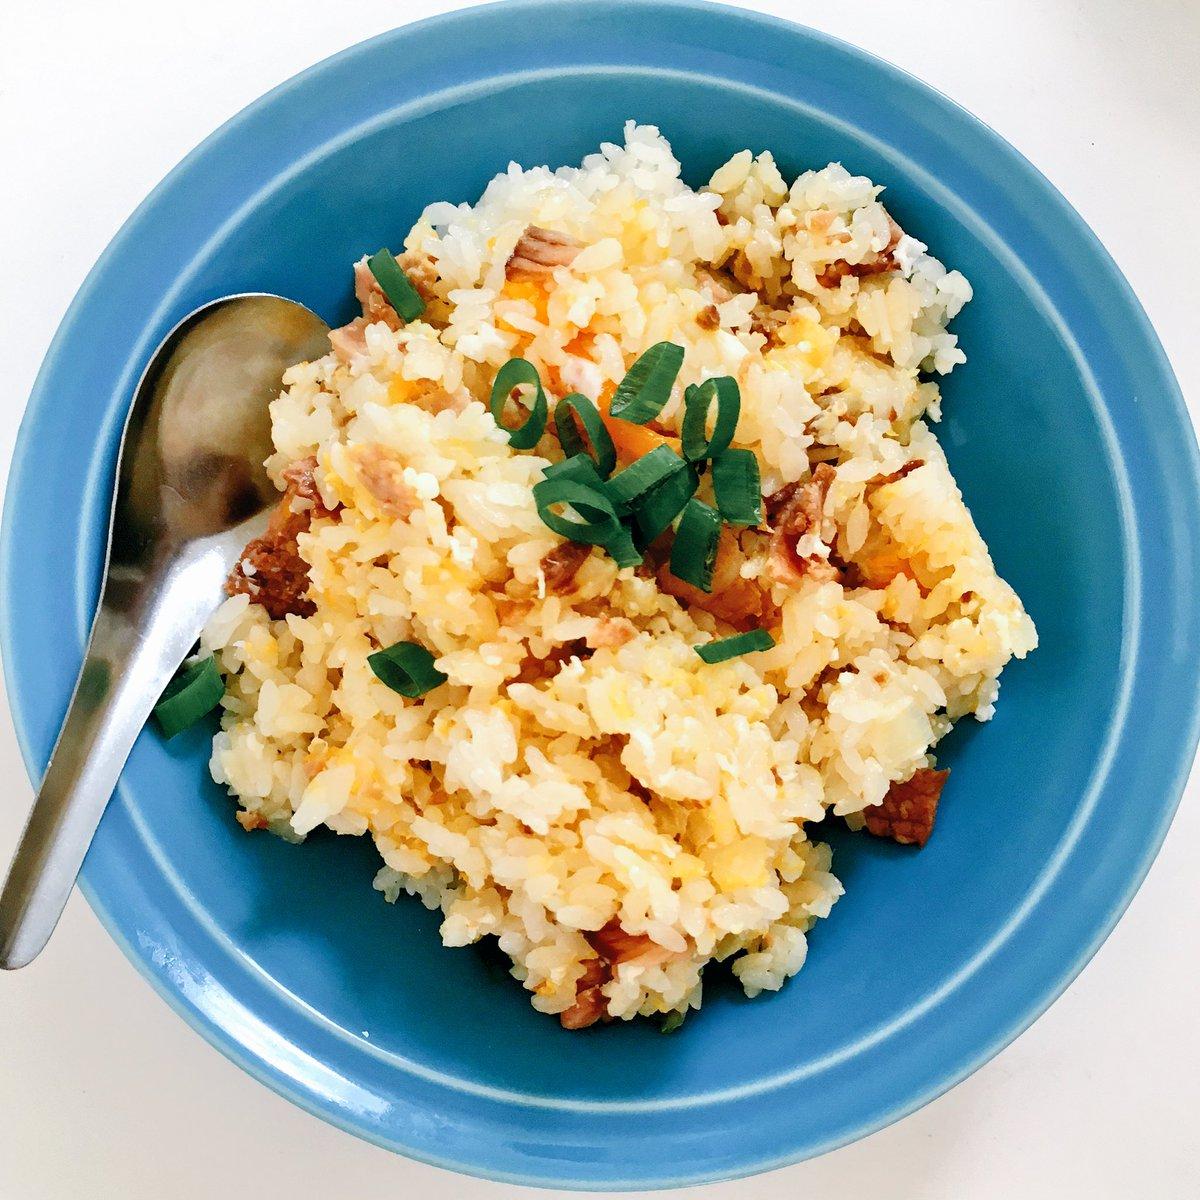 炊炒飯(すいちゃーはん)作った!ネギと焼豚と生姜を入れて炊いたら、残り9分くらいのとこで、フタ開けて…